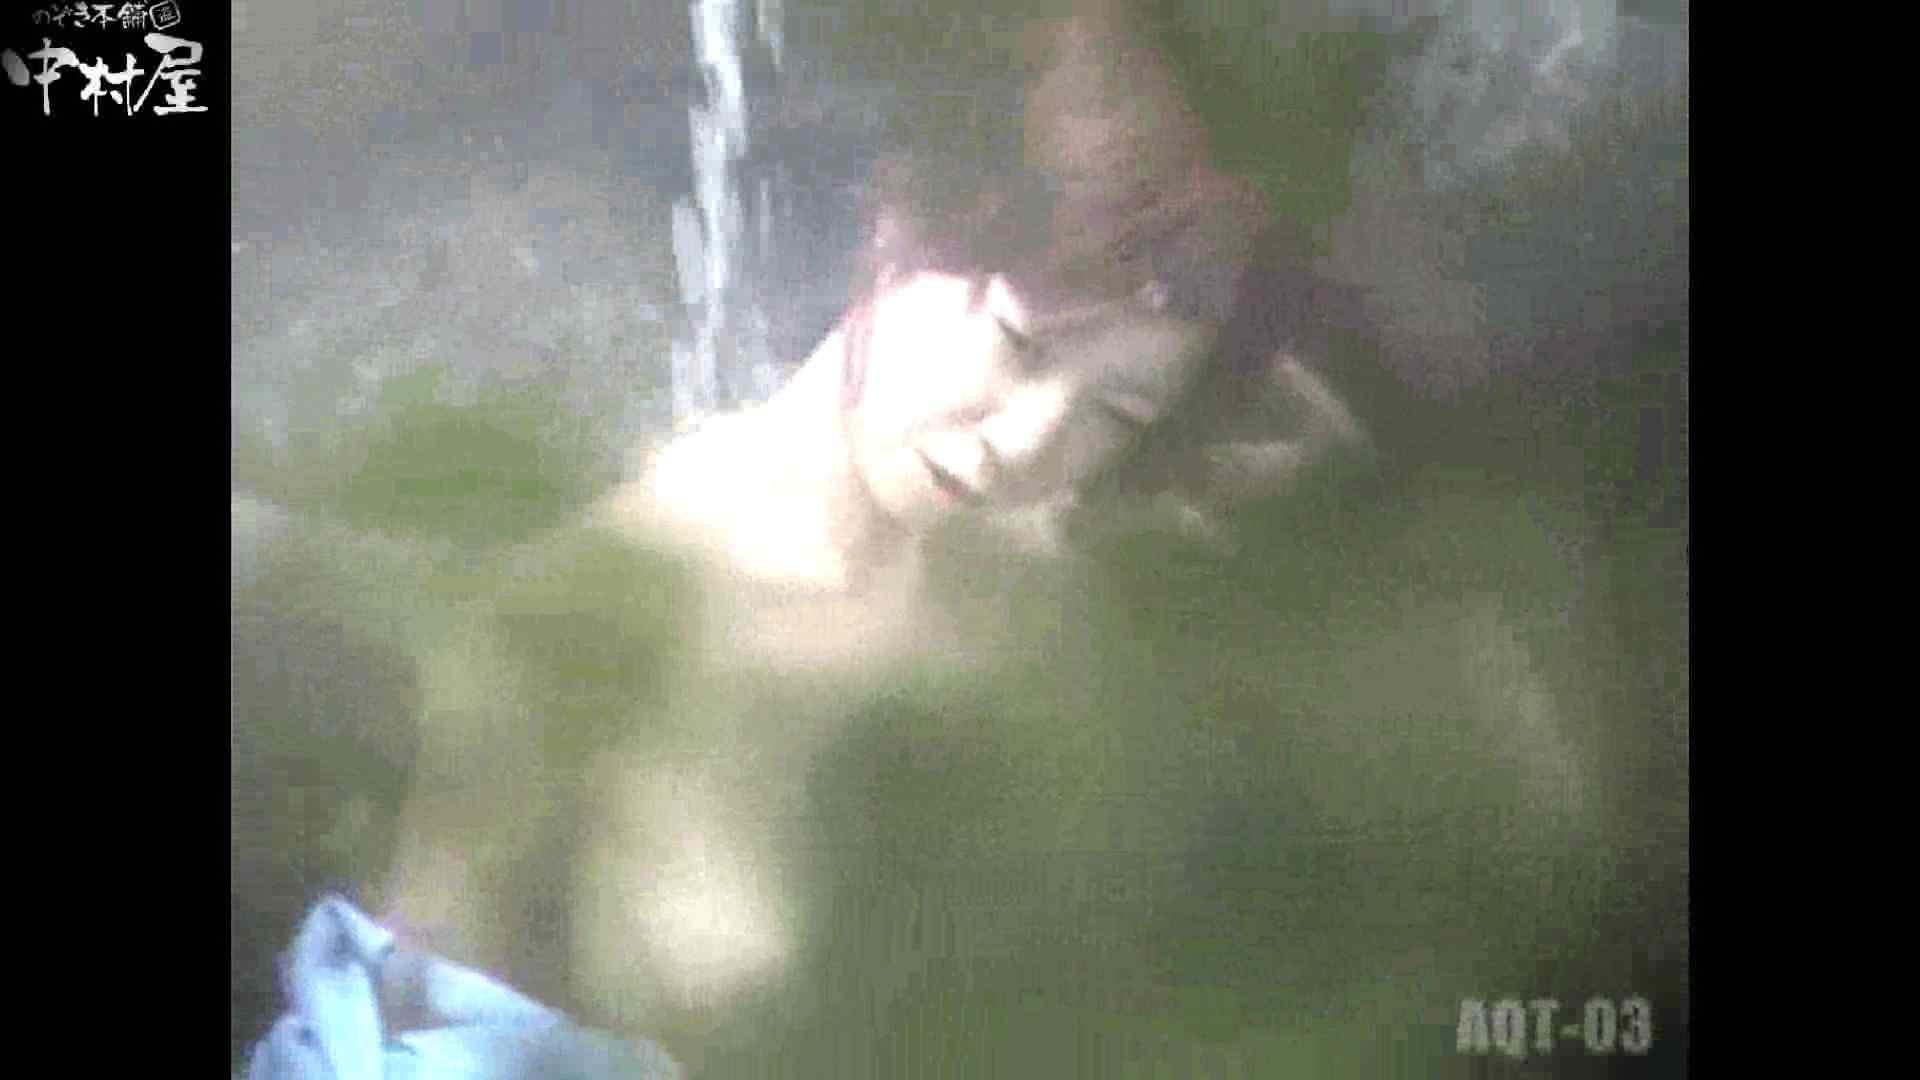 Aquaな露天風呂Vol.867潜入盗撮露天風呂参判湯 其の七 盗撮特撮  13pic 4